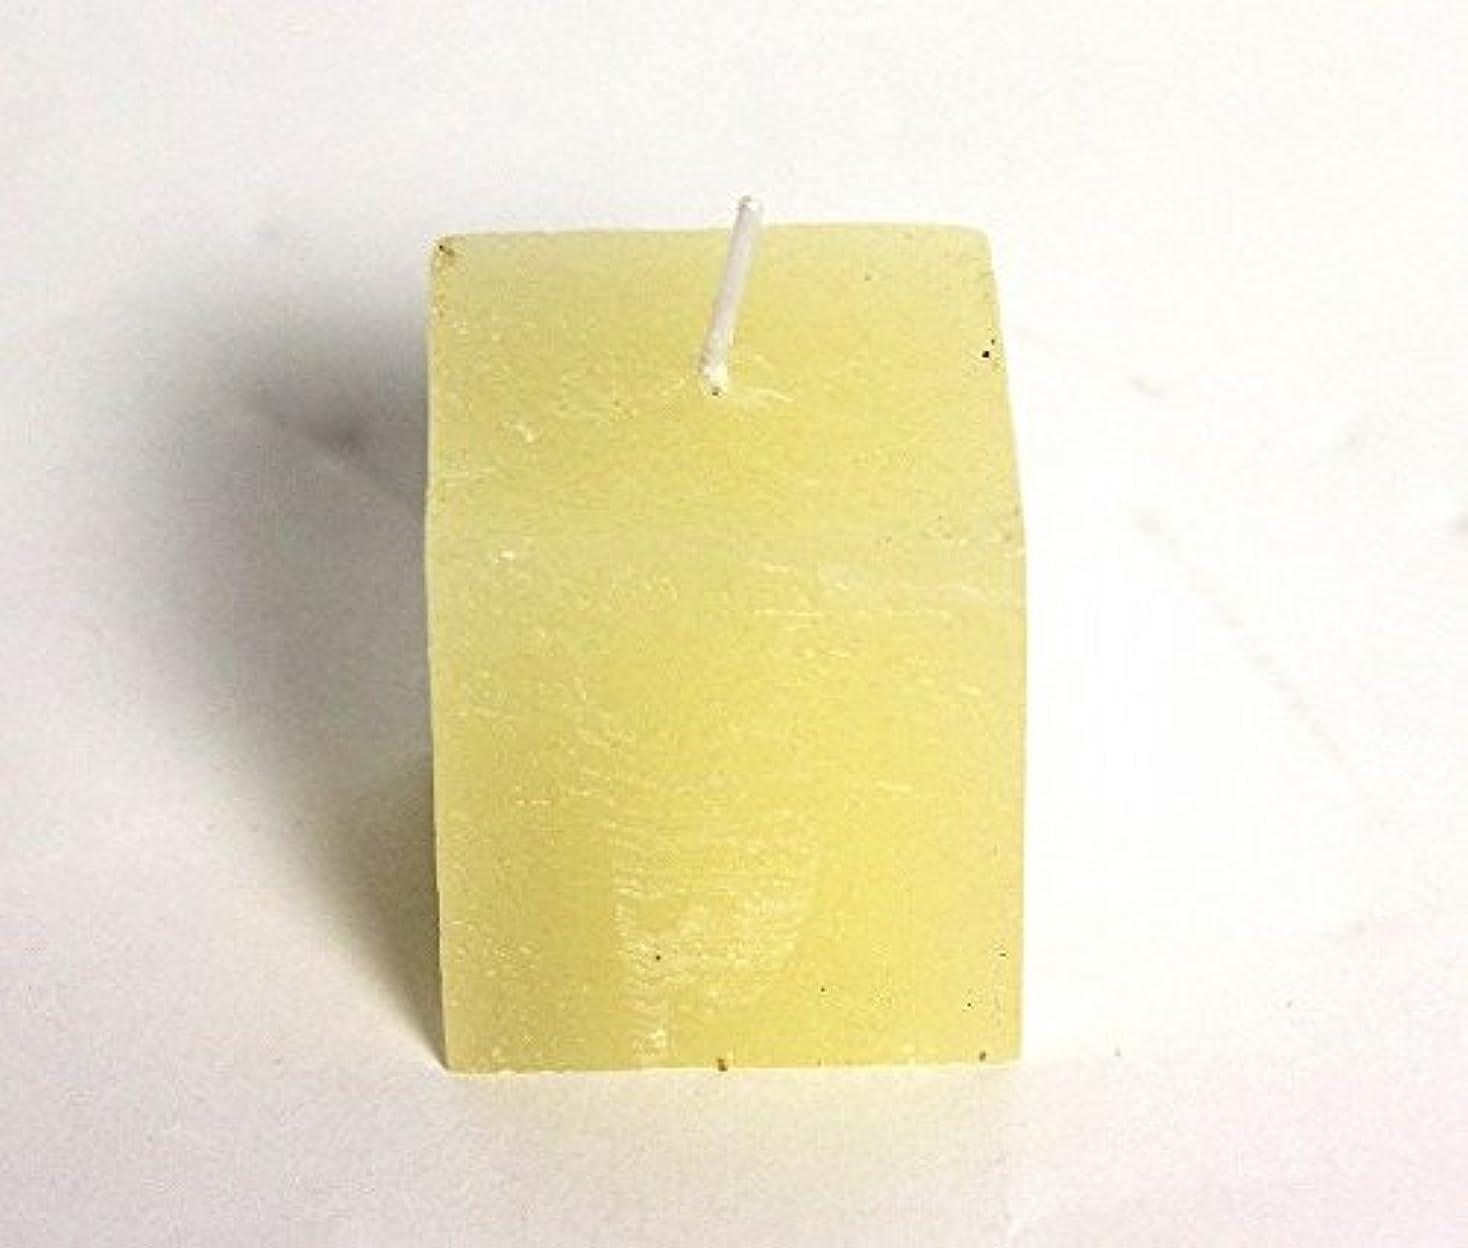 裏切り者返済複雑kameyama candle(カメヤマキャンドル) ラスティクミニキューブ 「 アイボリー 」(A4921000IV)